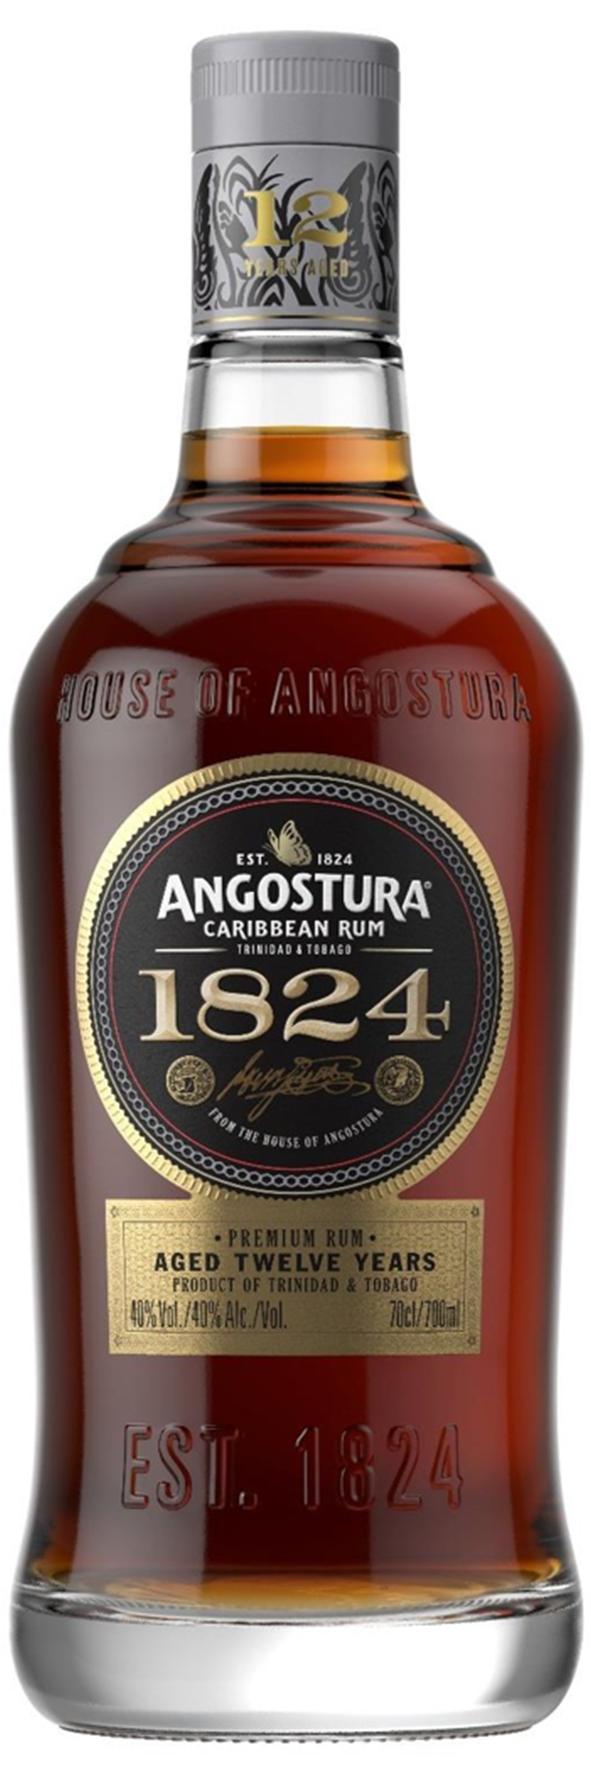 Angostura Rum 1824